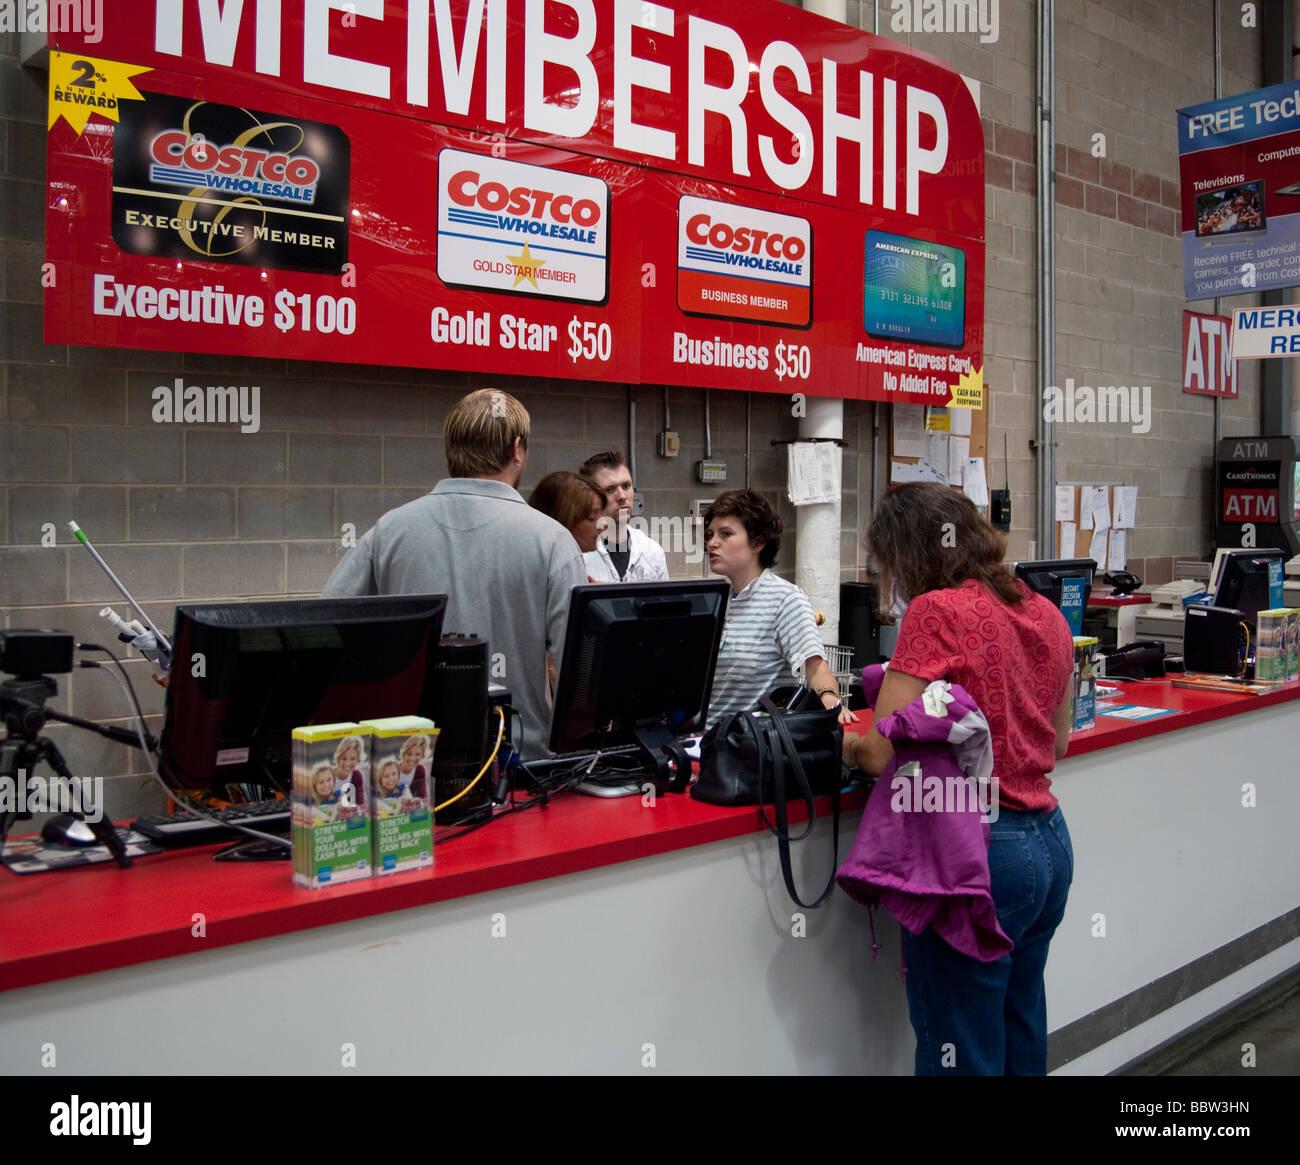 Contador de pertenencia, Costco, almacén, EE.UU. Imagen De Stock